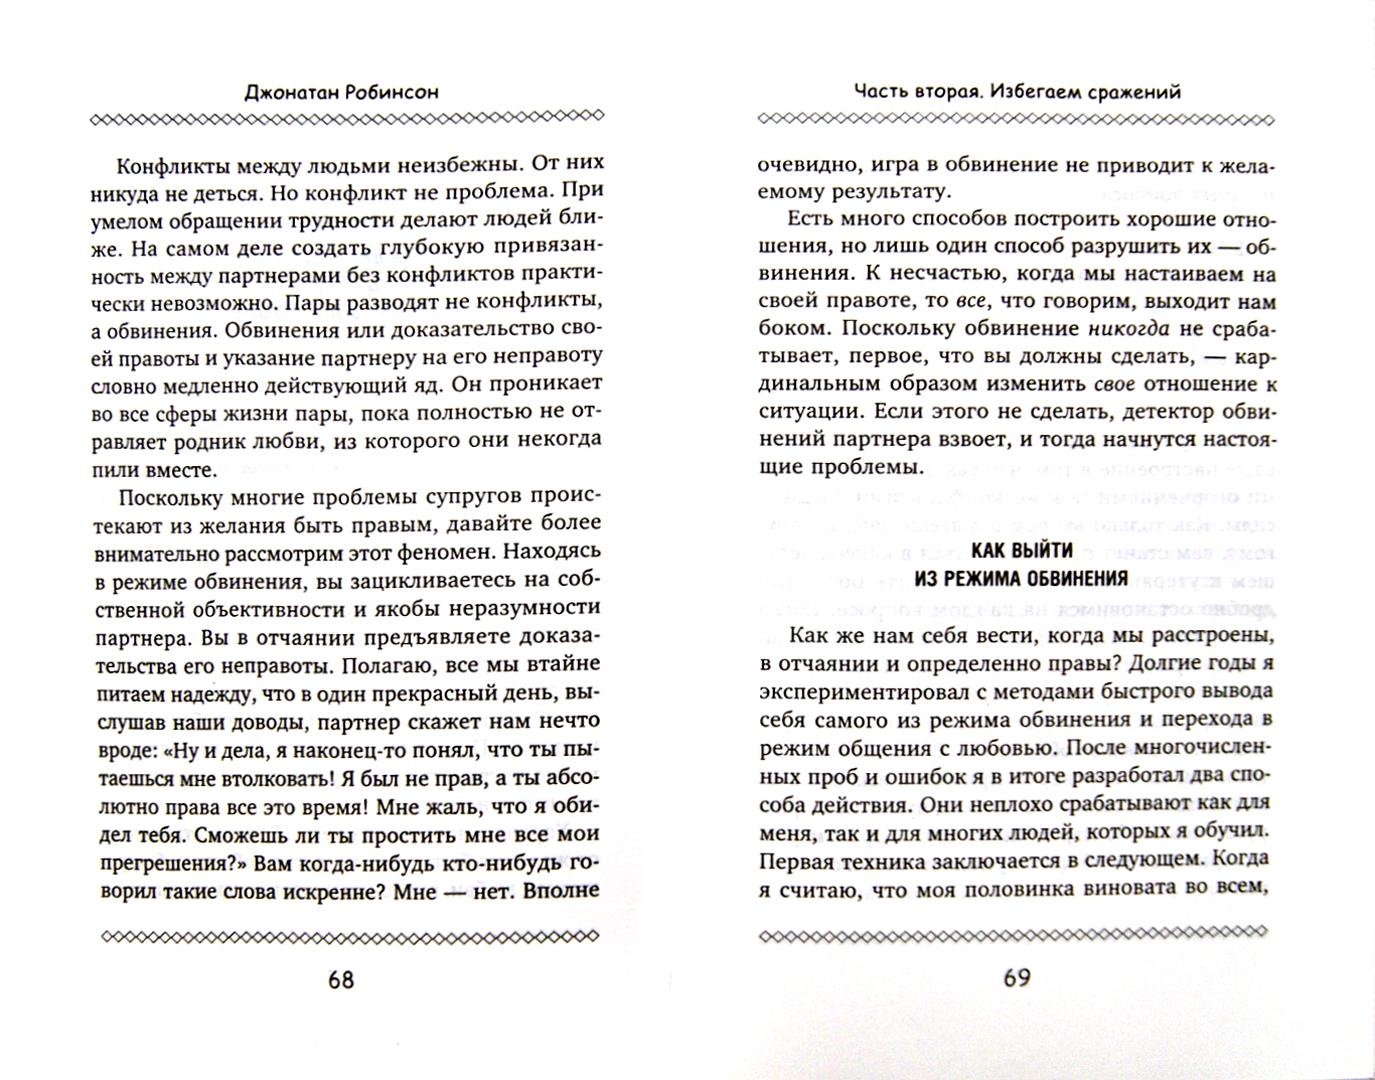 Иллюстрация 1 из 13 для Любовь без конфликтов. Бесценные советы тем, кто ищет гармонии в отношениях - Джонатан Робинсон | Лабиринт - книги. Источник: Лабиринт